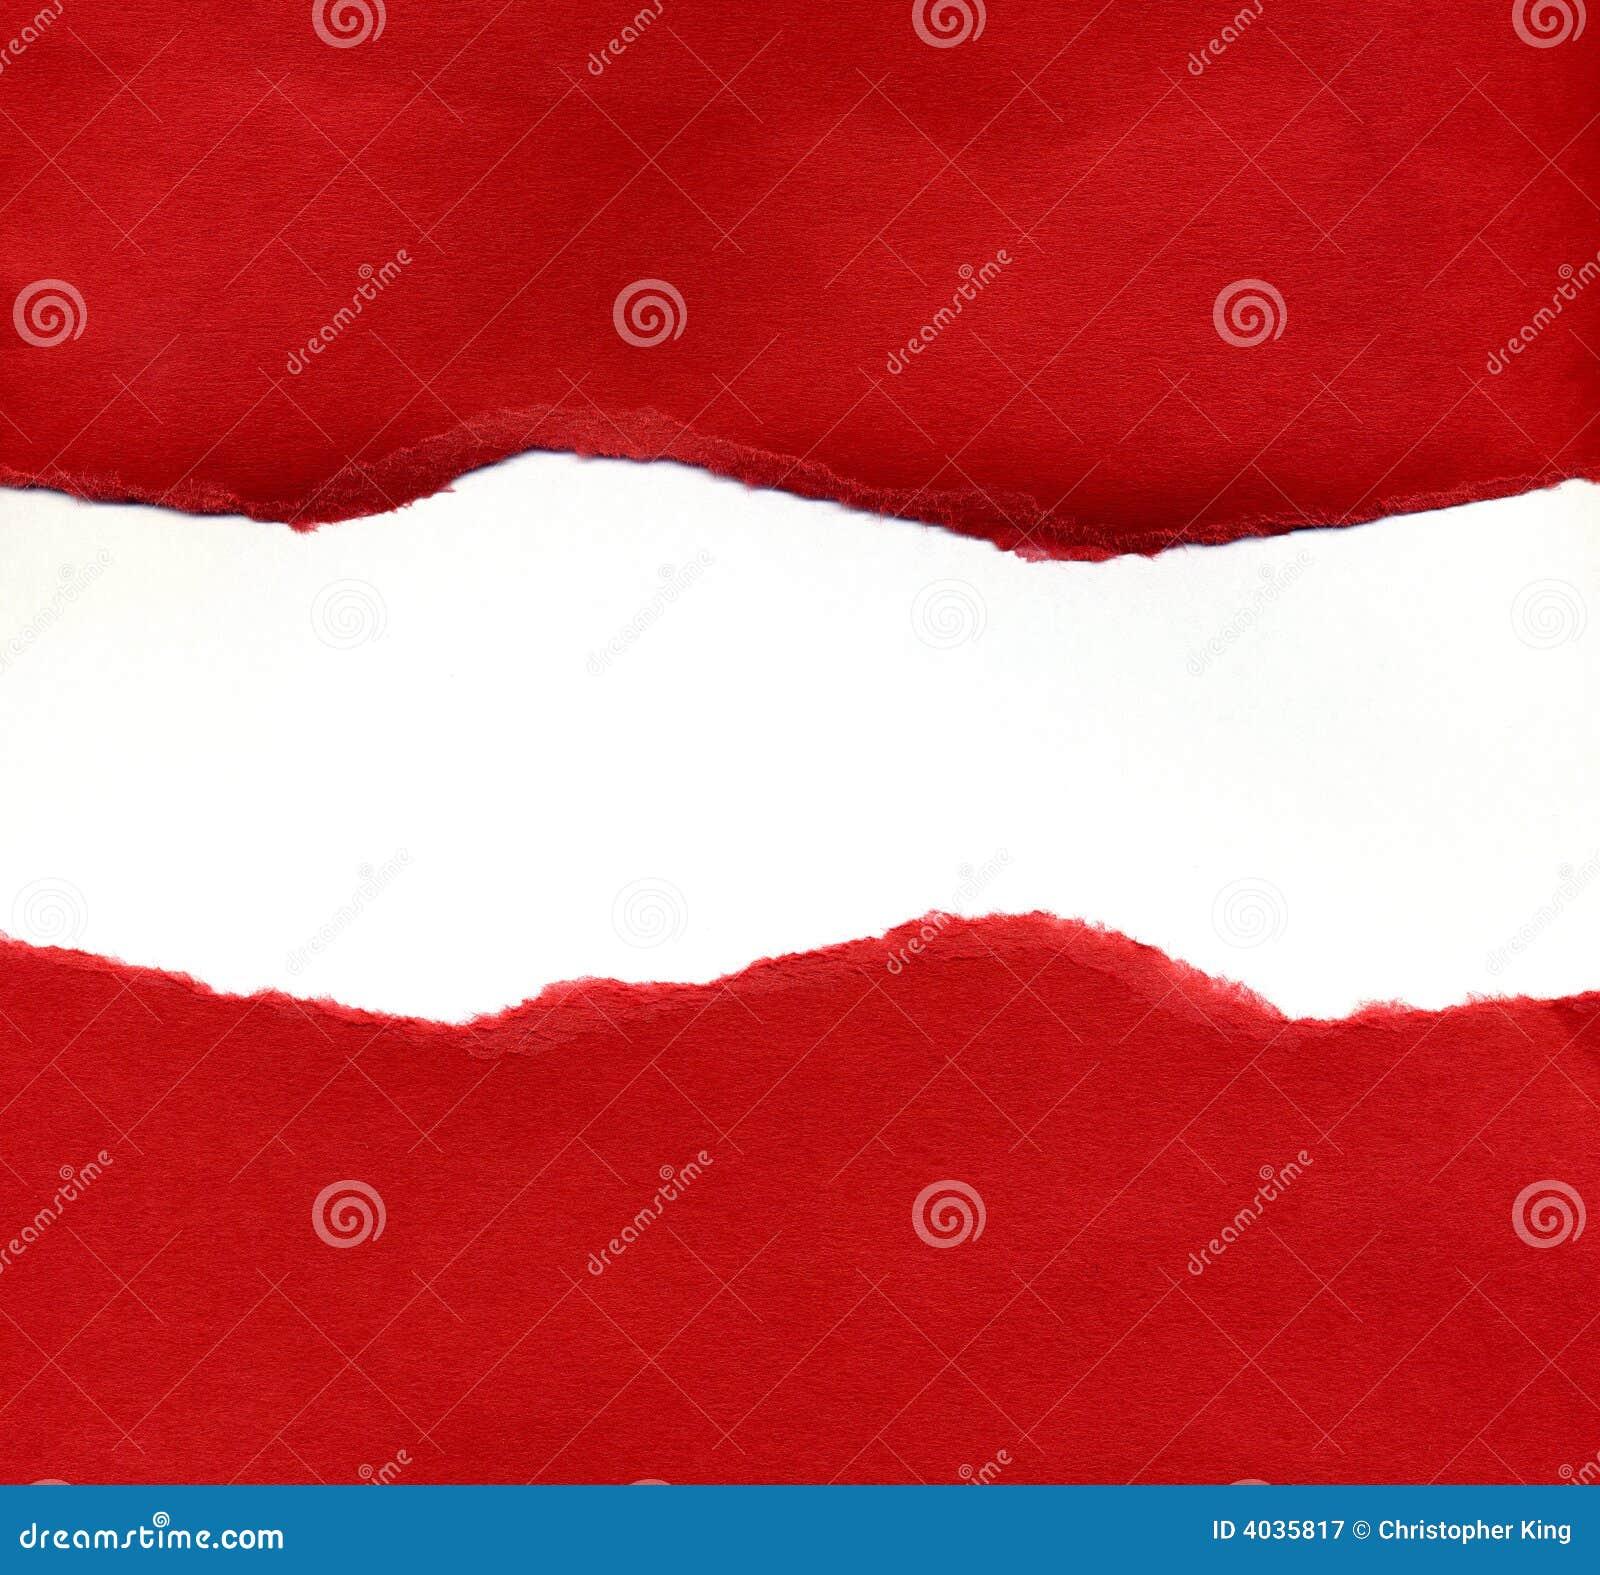 Papel Rasgado Rojo Que Revela Un Fondo Blanco Stock De